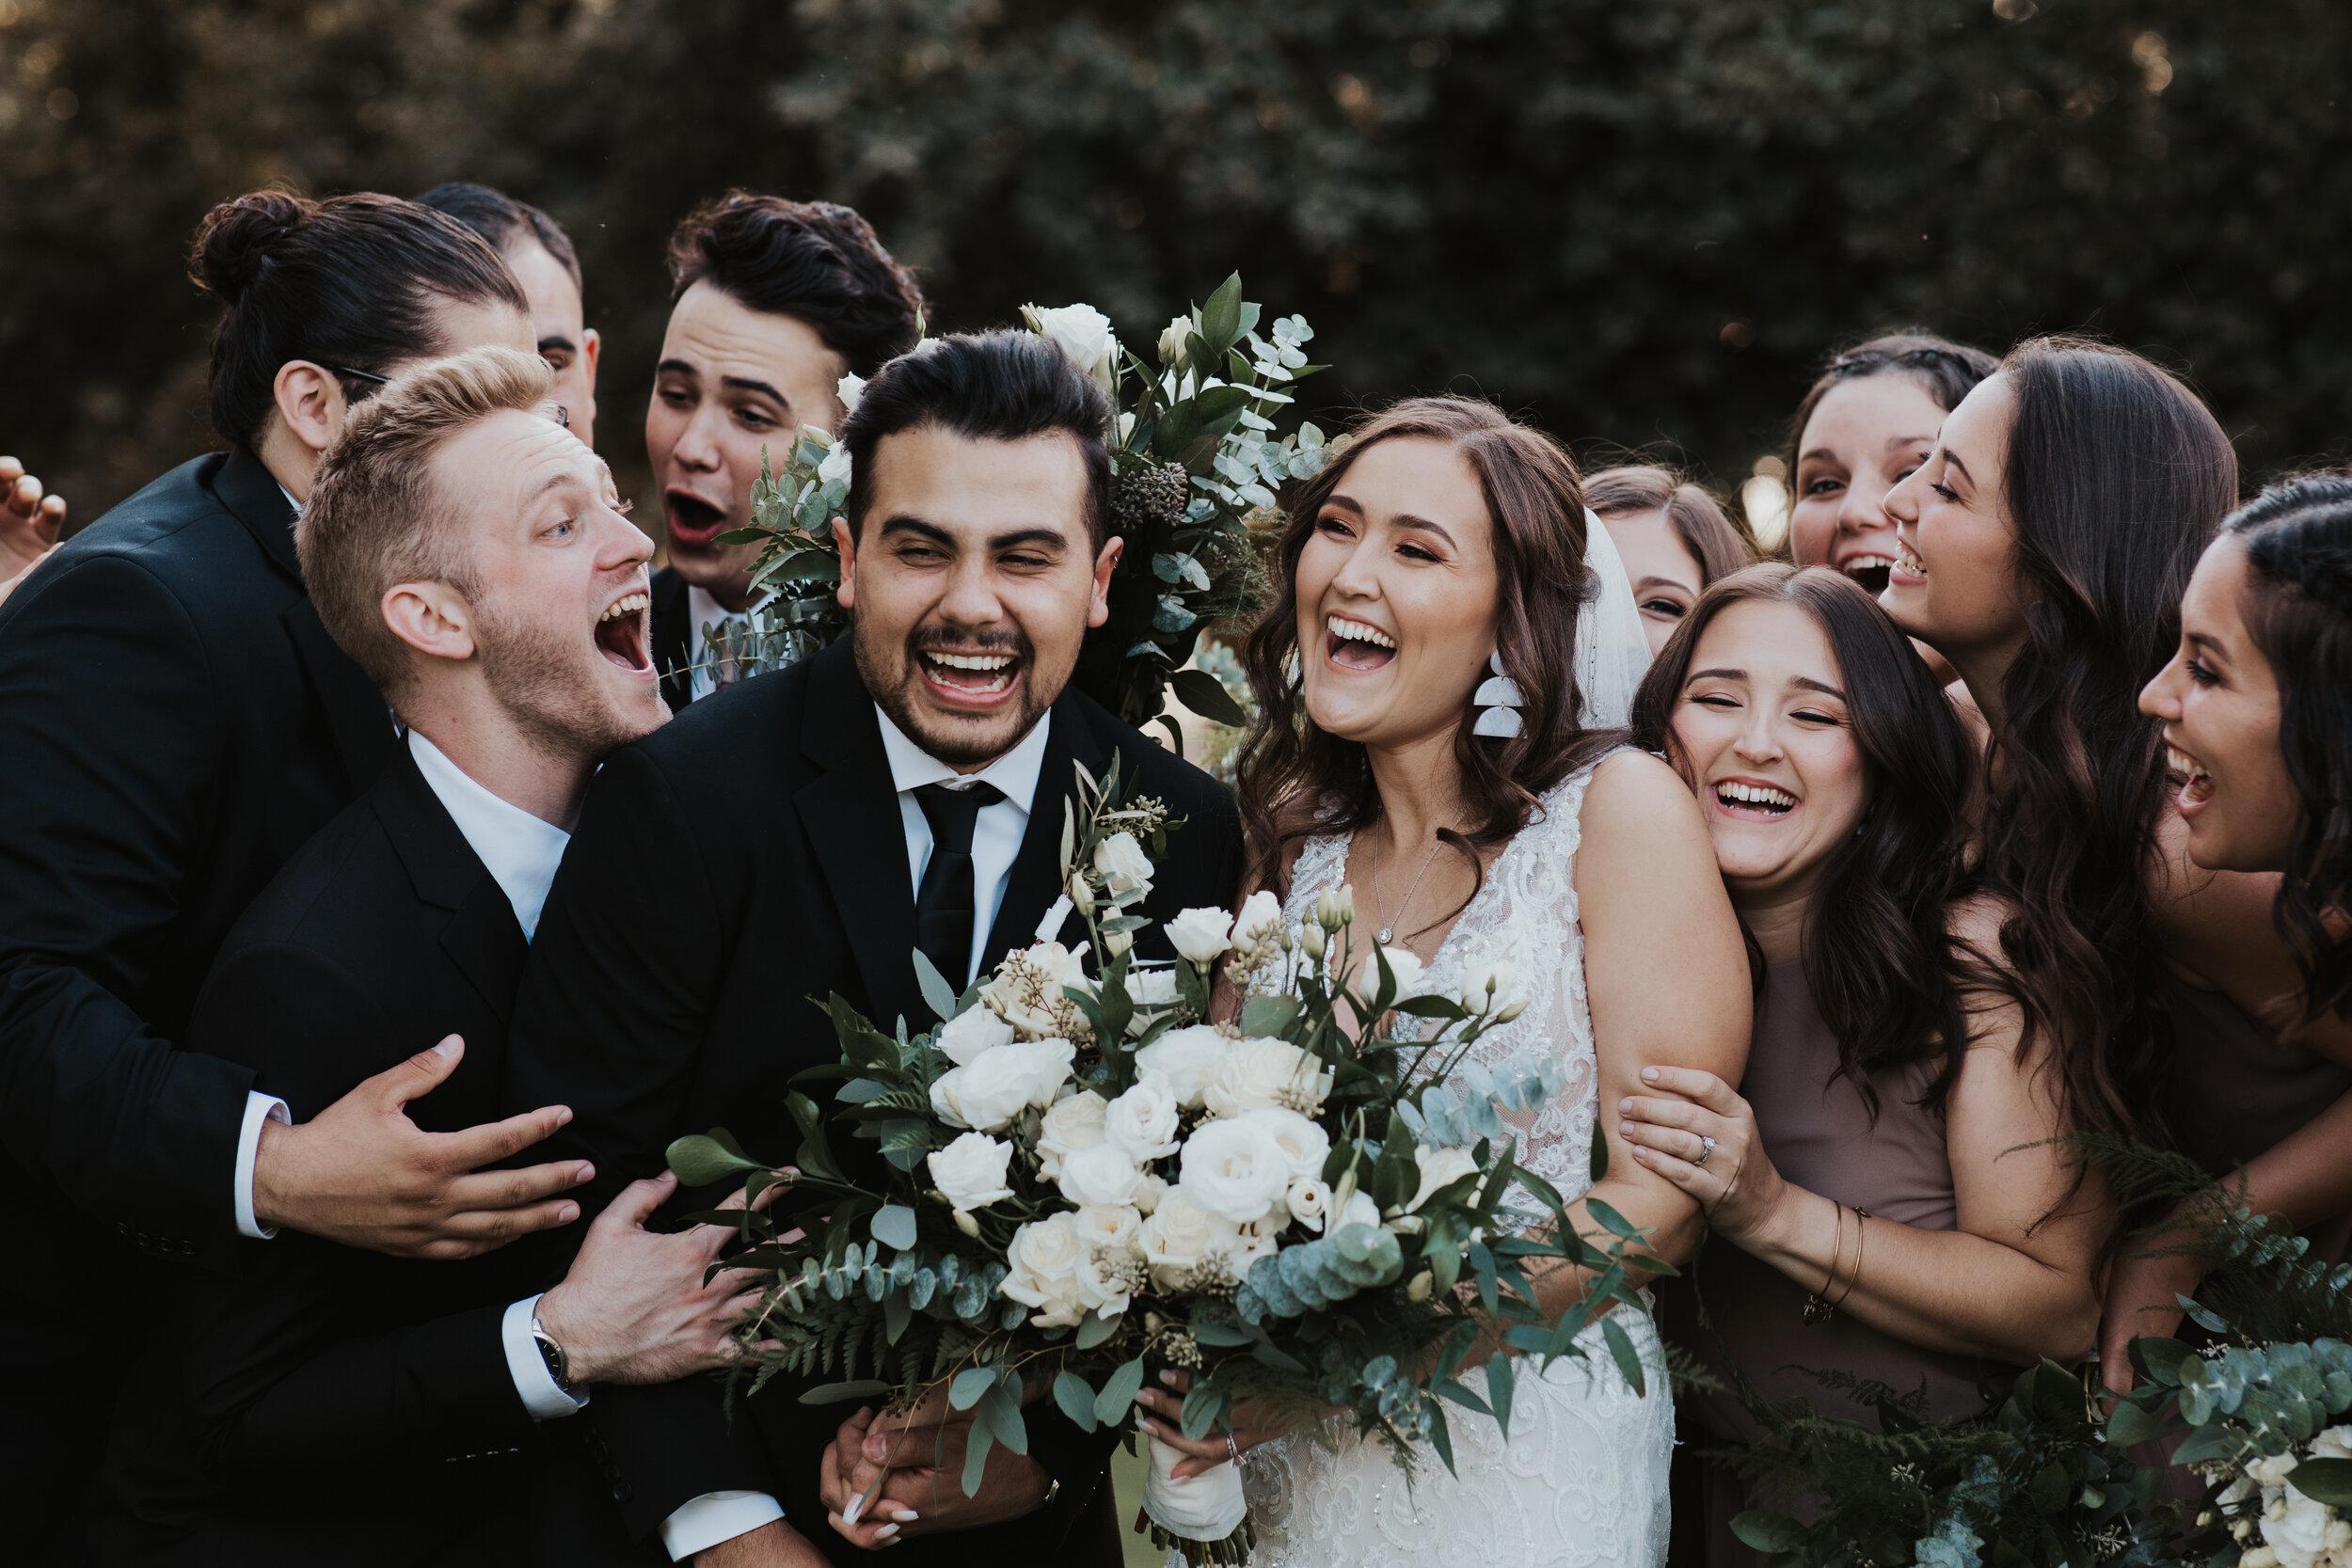 Emilee-Michael-Wedding-Tuscan-Gardens-Kingsburg-Central-Valley-California-SNEAK-PEEK-55.jpg